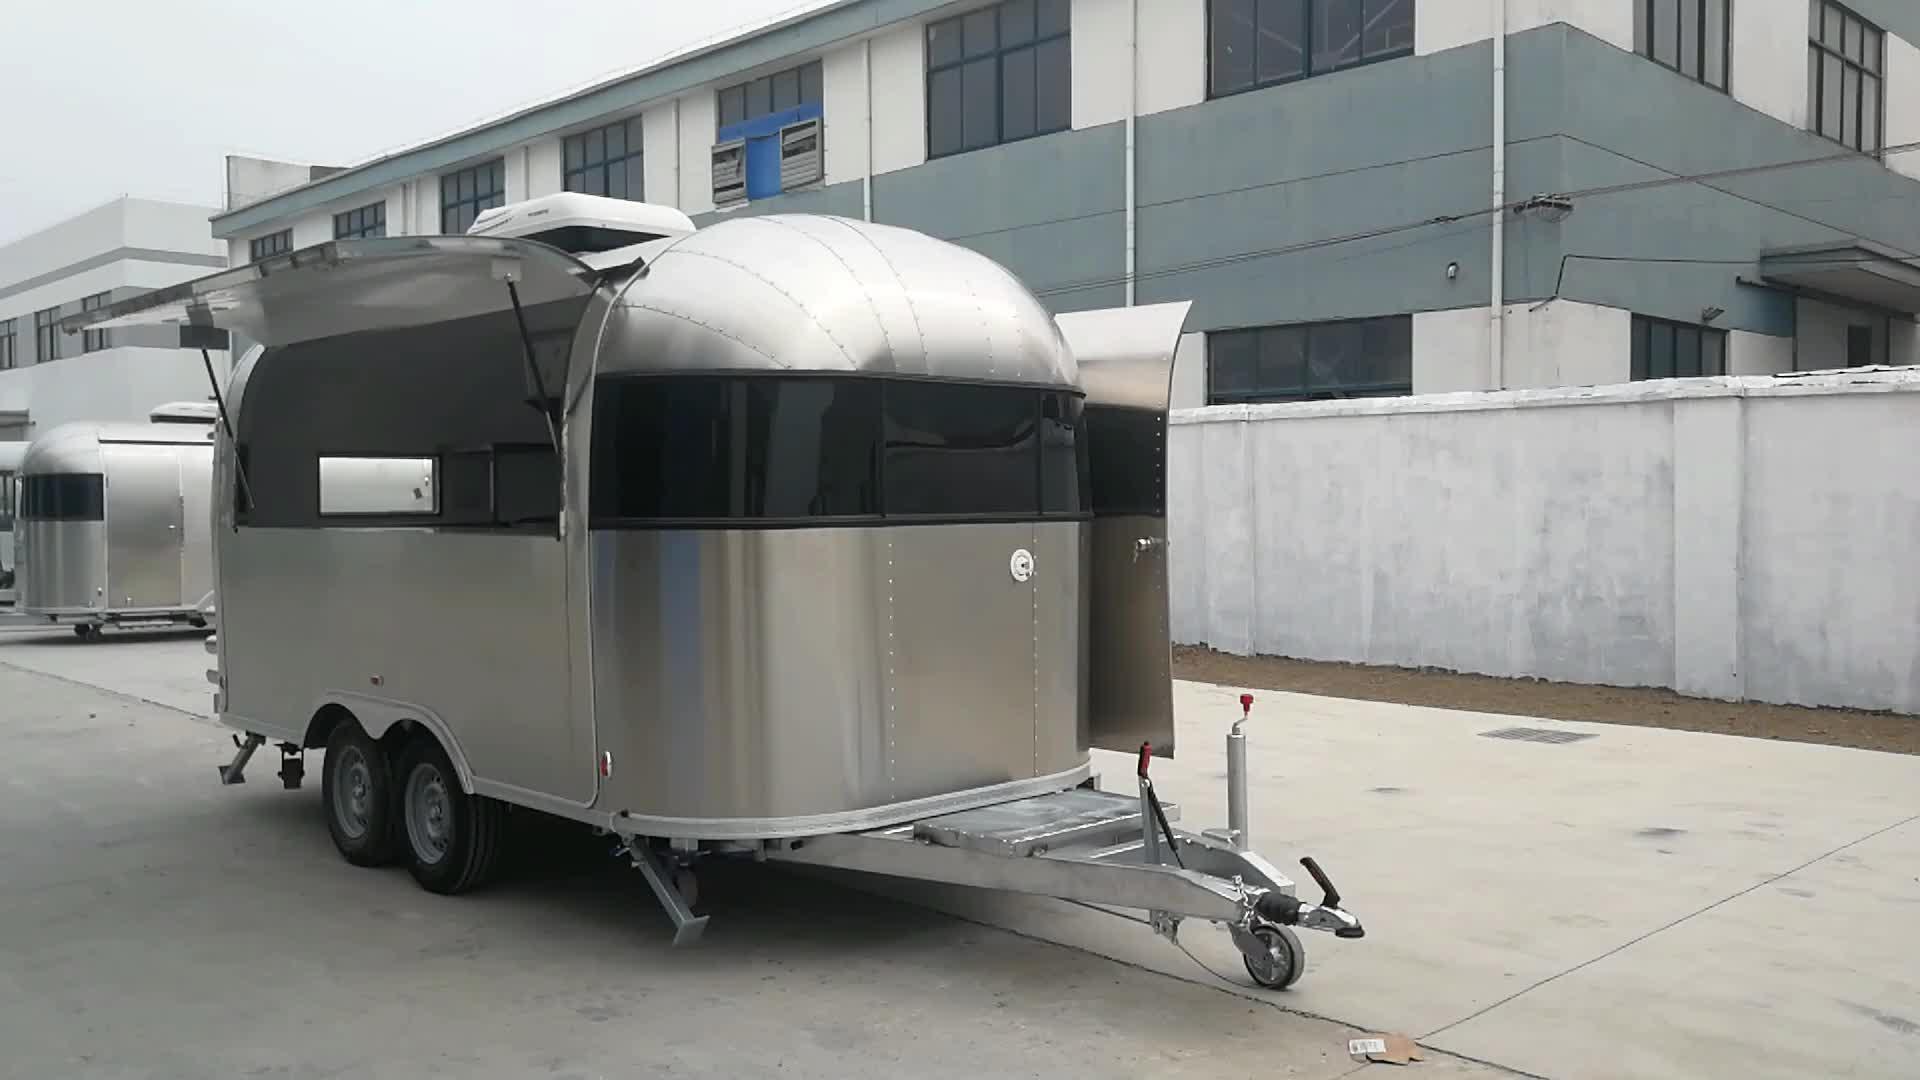 UKUNG vintage in acciaio inox satinato Airstream modello ristorazione rimorchio, mobile di lusso ristorante/cibo vending carrello